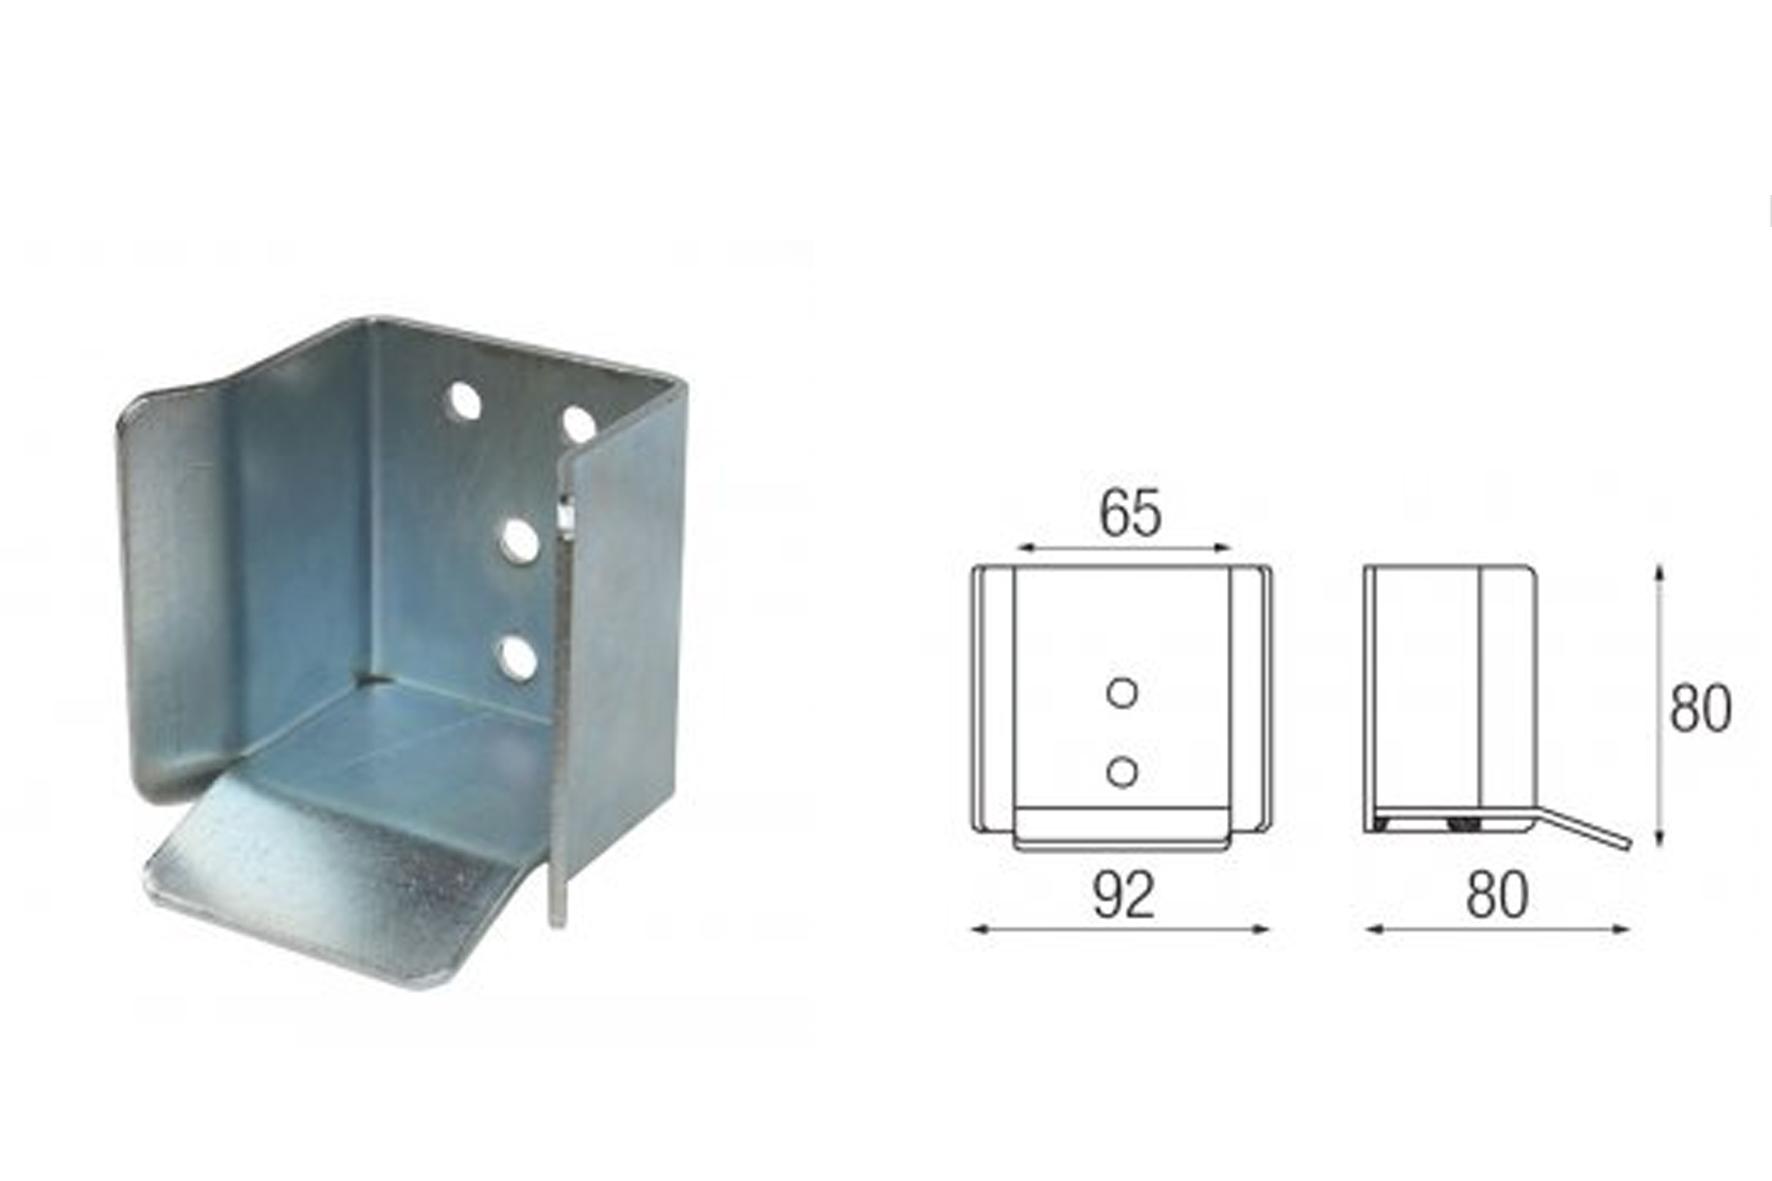 gache pour kit autoportant achat en ligne ou dans notre magasin. Black Bedroom Furniture Sets. Home Design Ideas